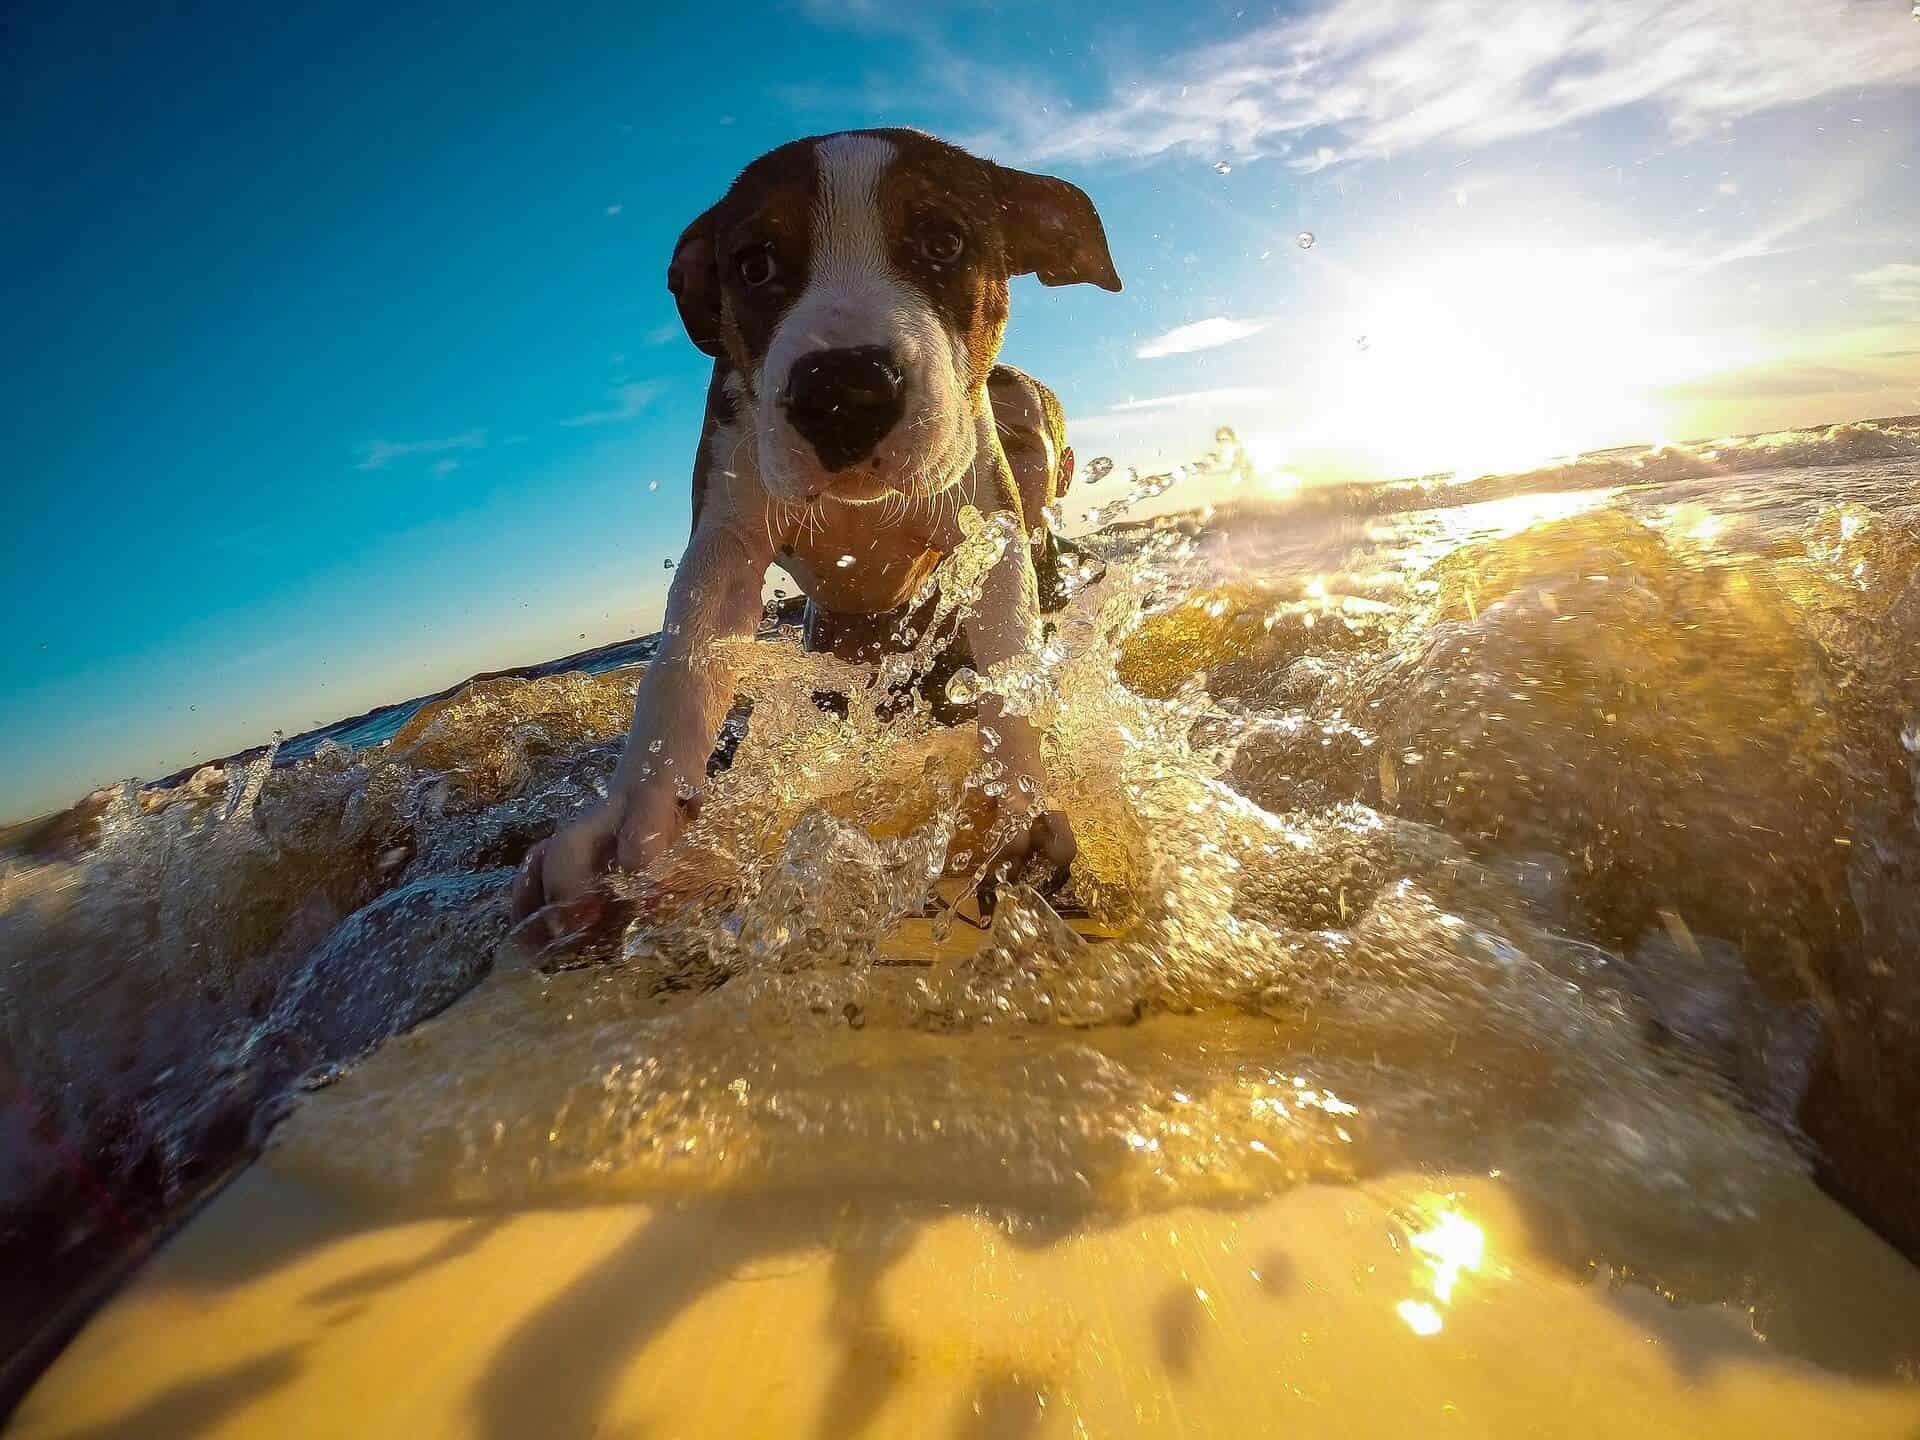 Surfing puppy dog